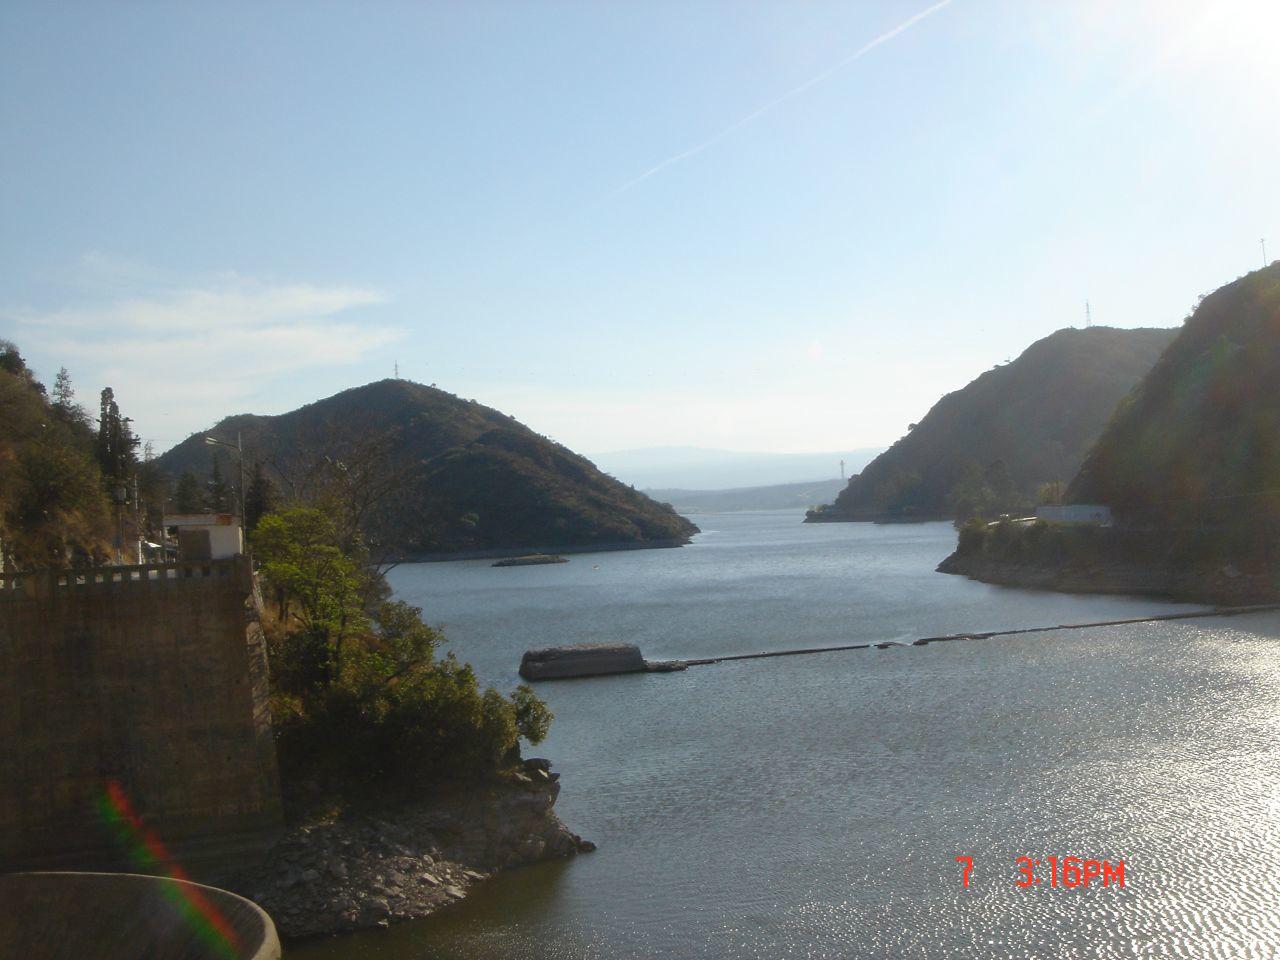 San Roque Dam in Argentina